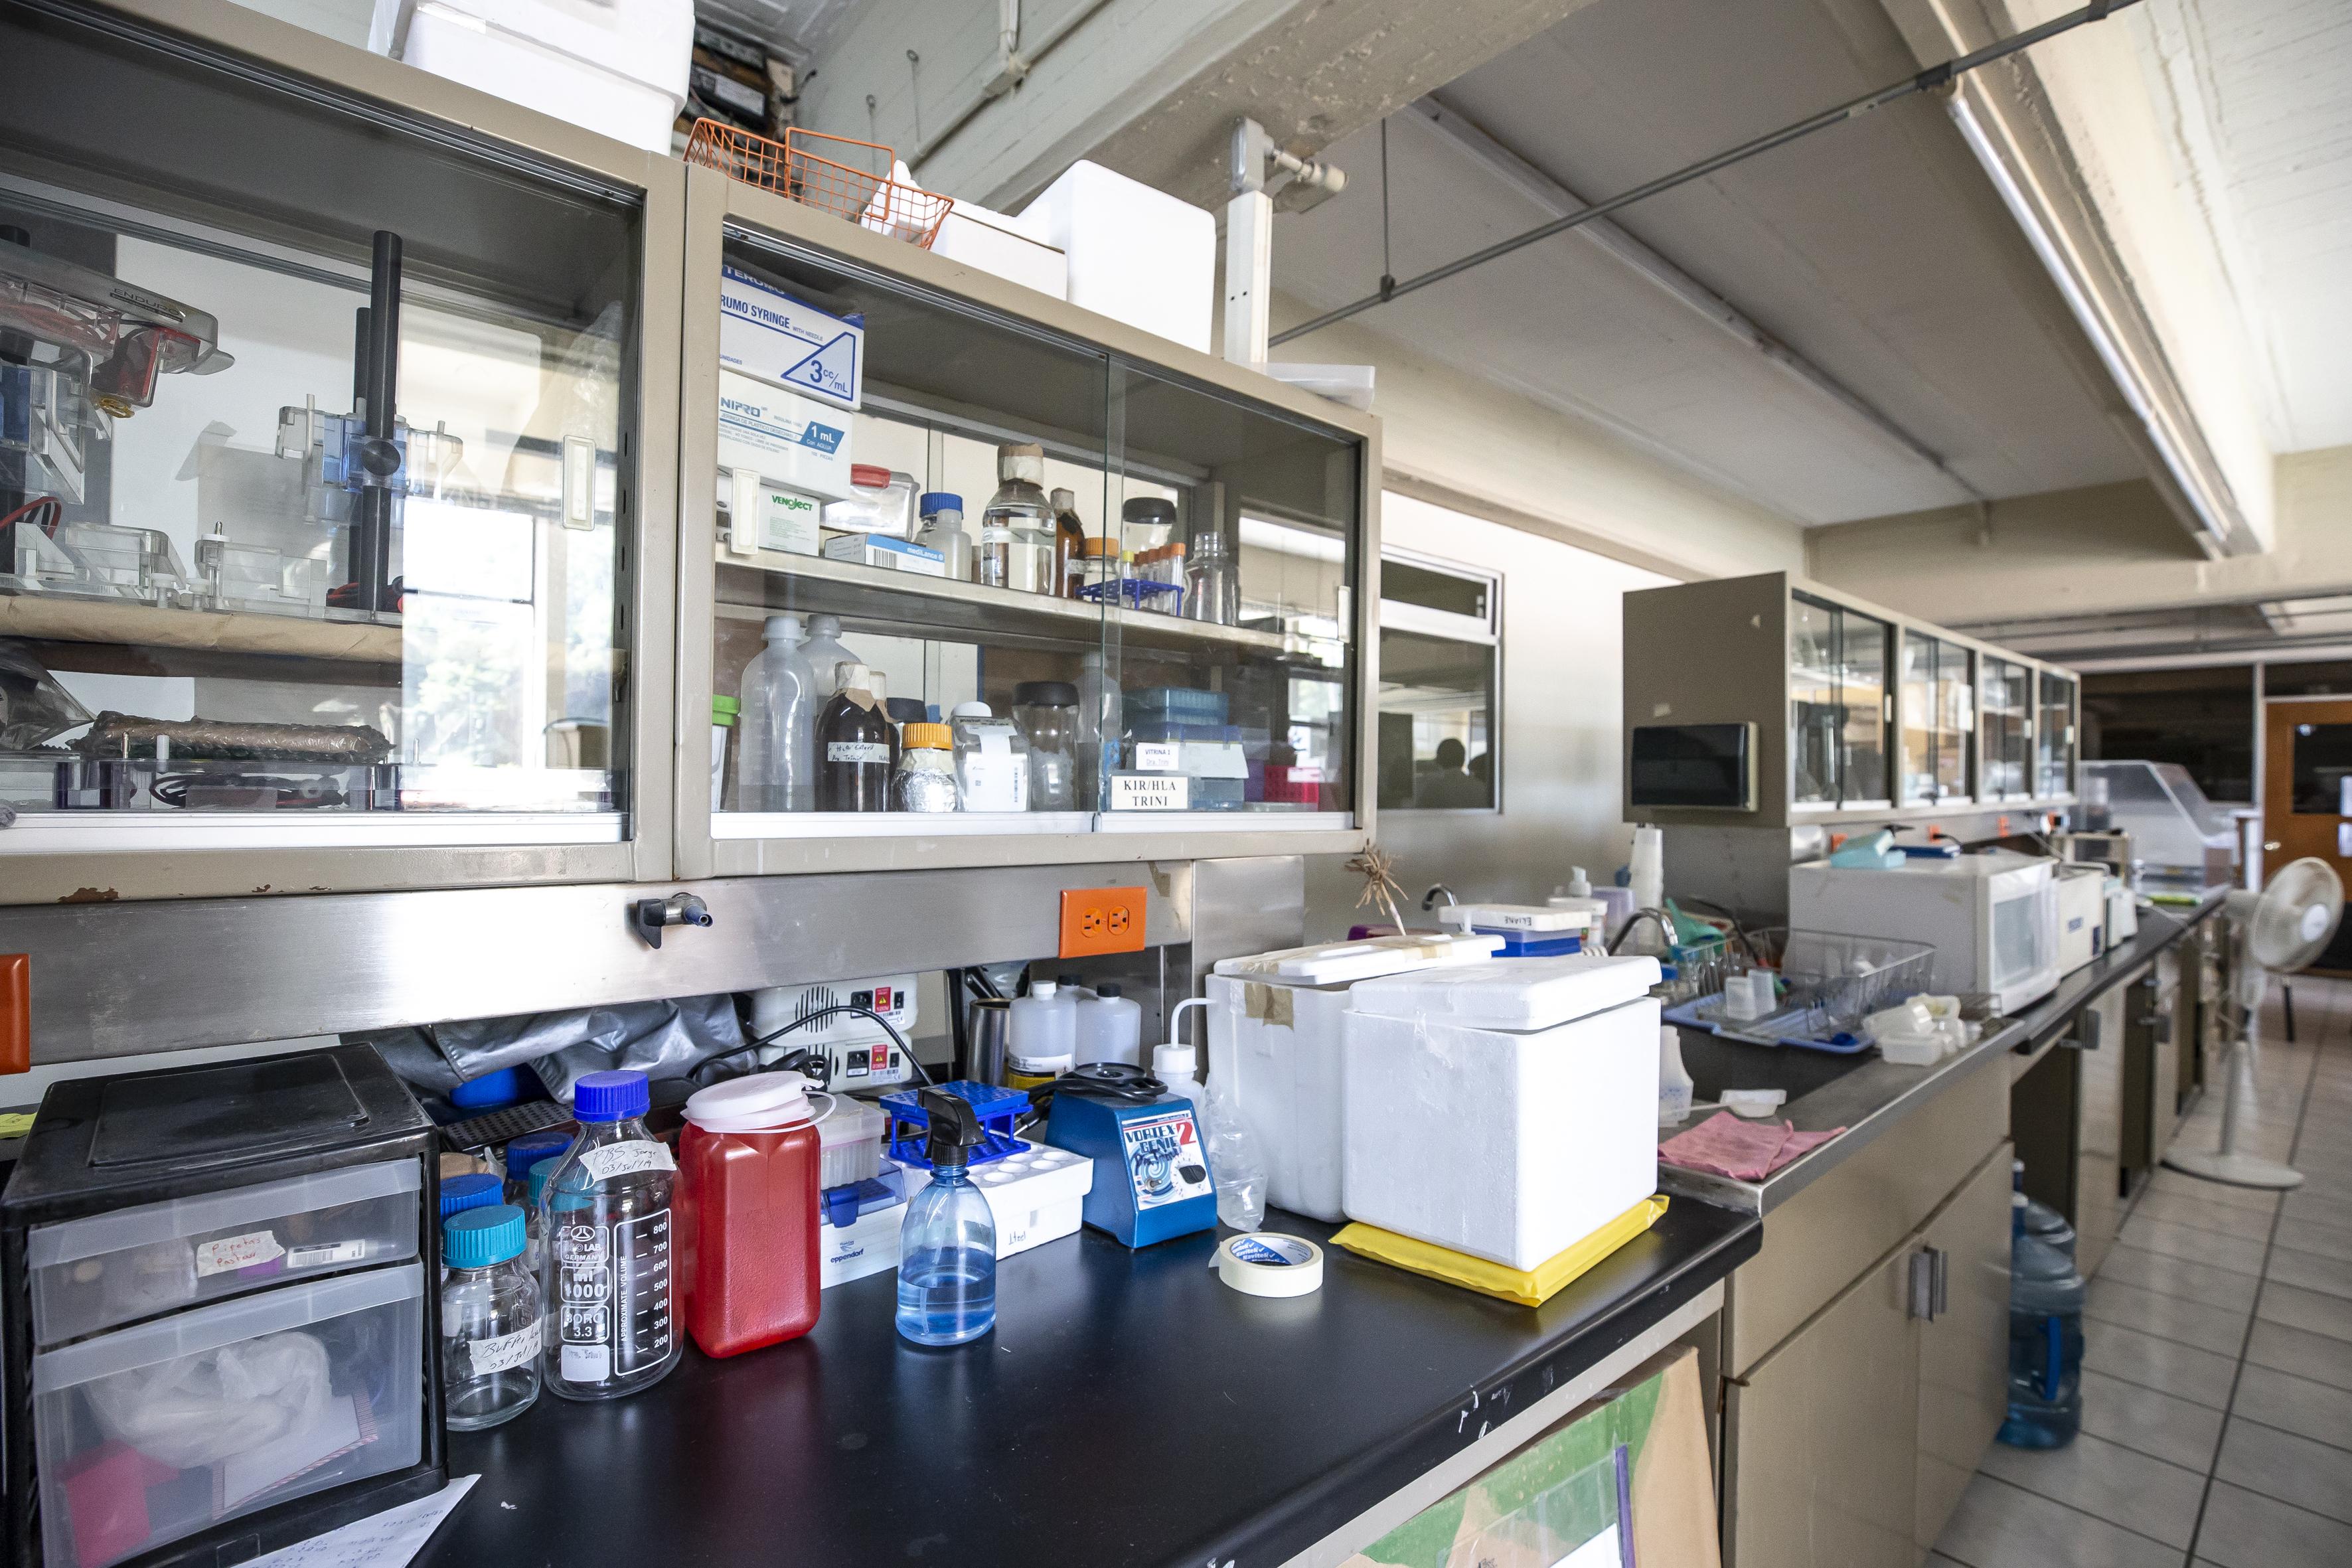 Imagen de una mesa de trabajo en el laboratorio